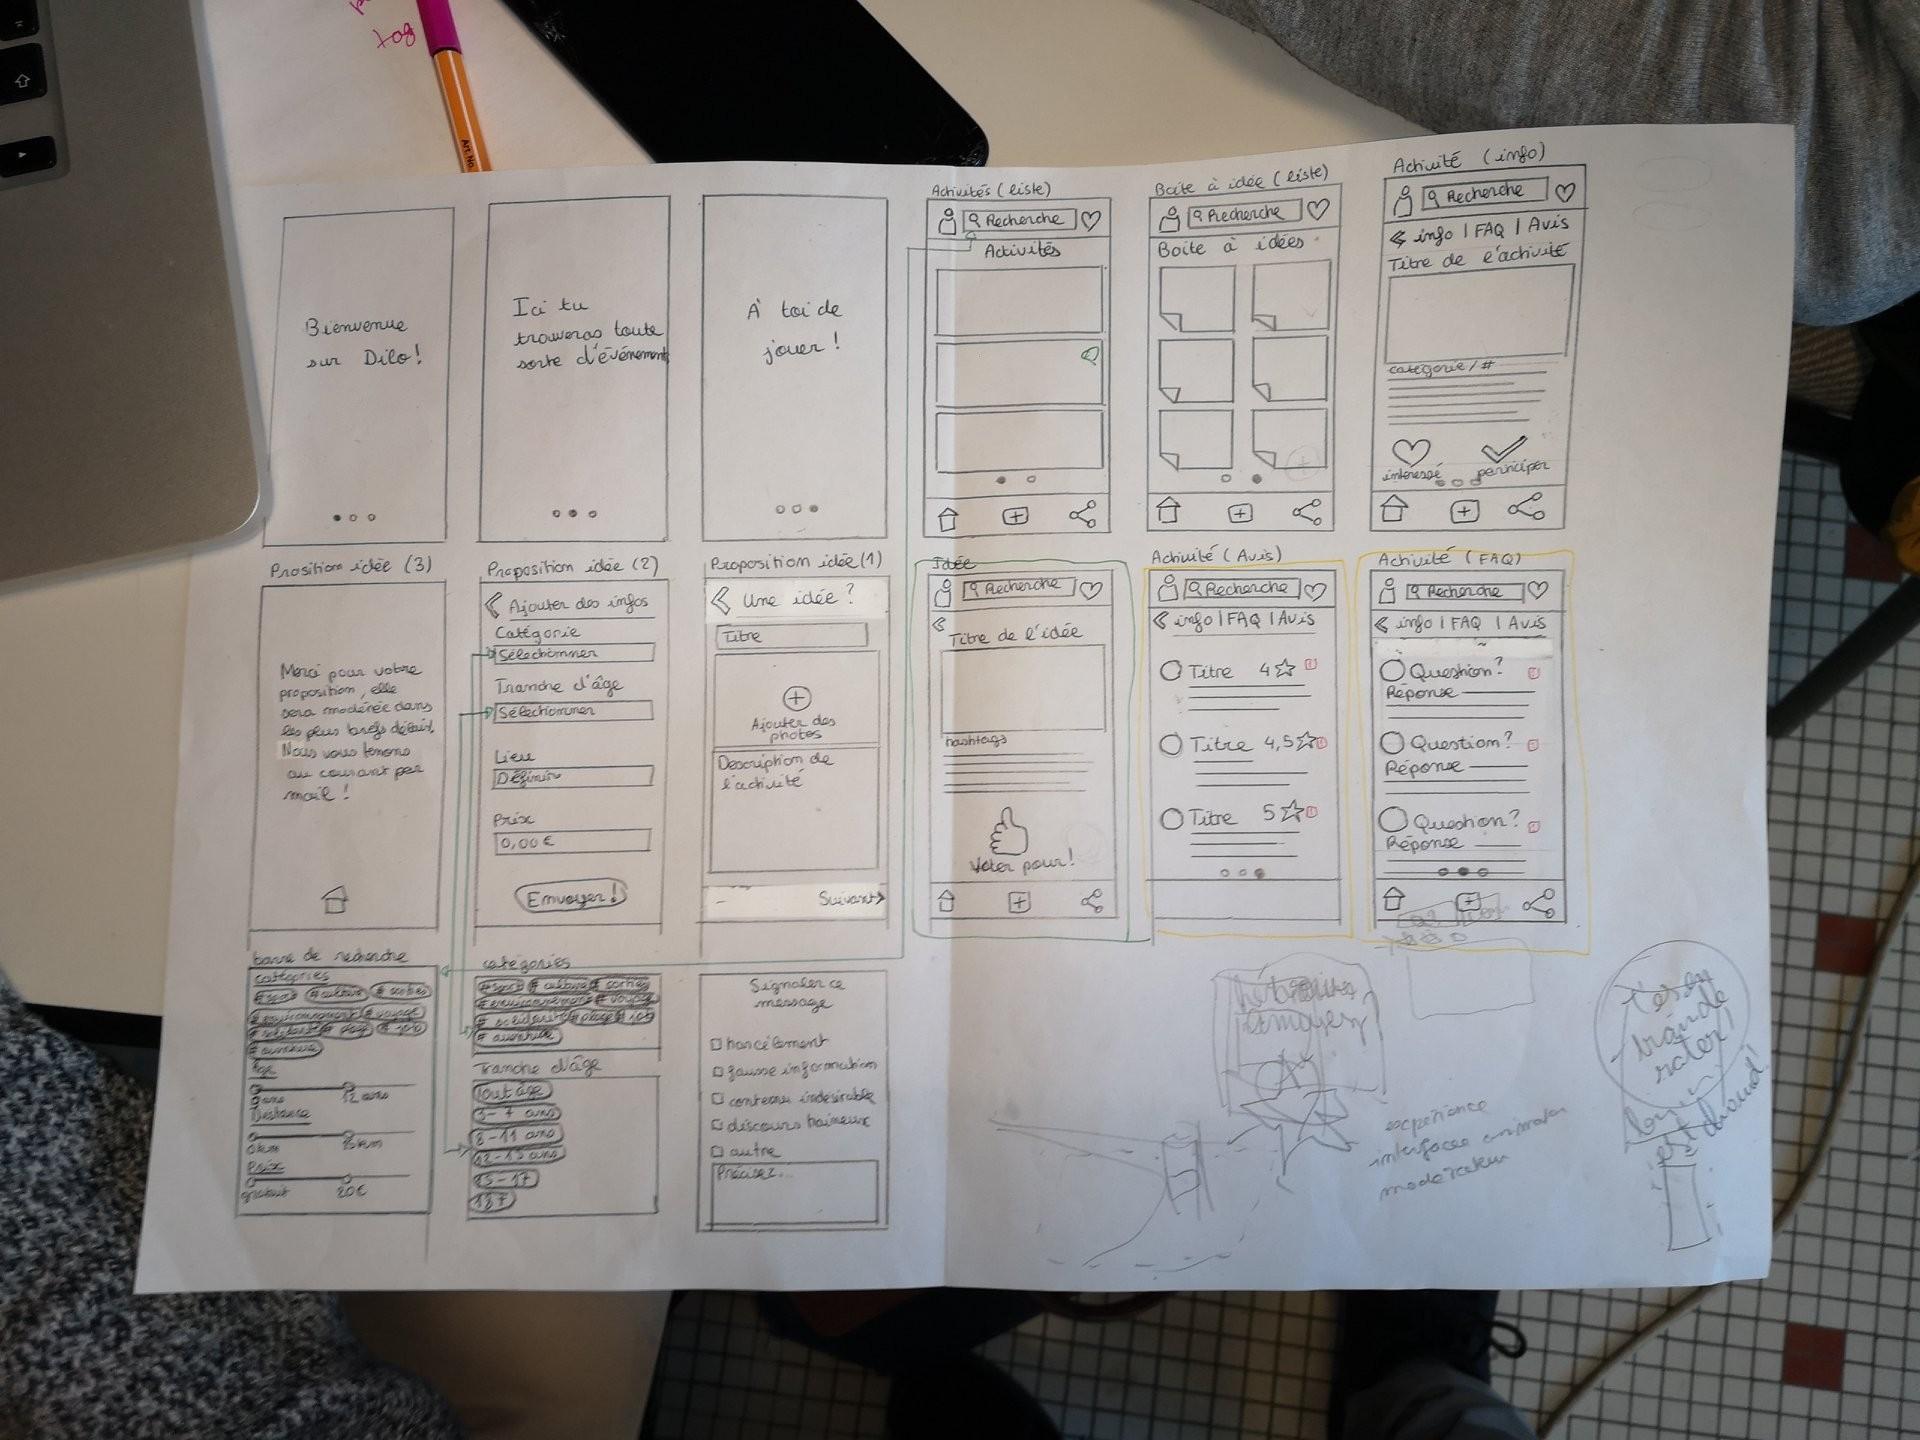 interface croquis institut design